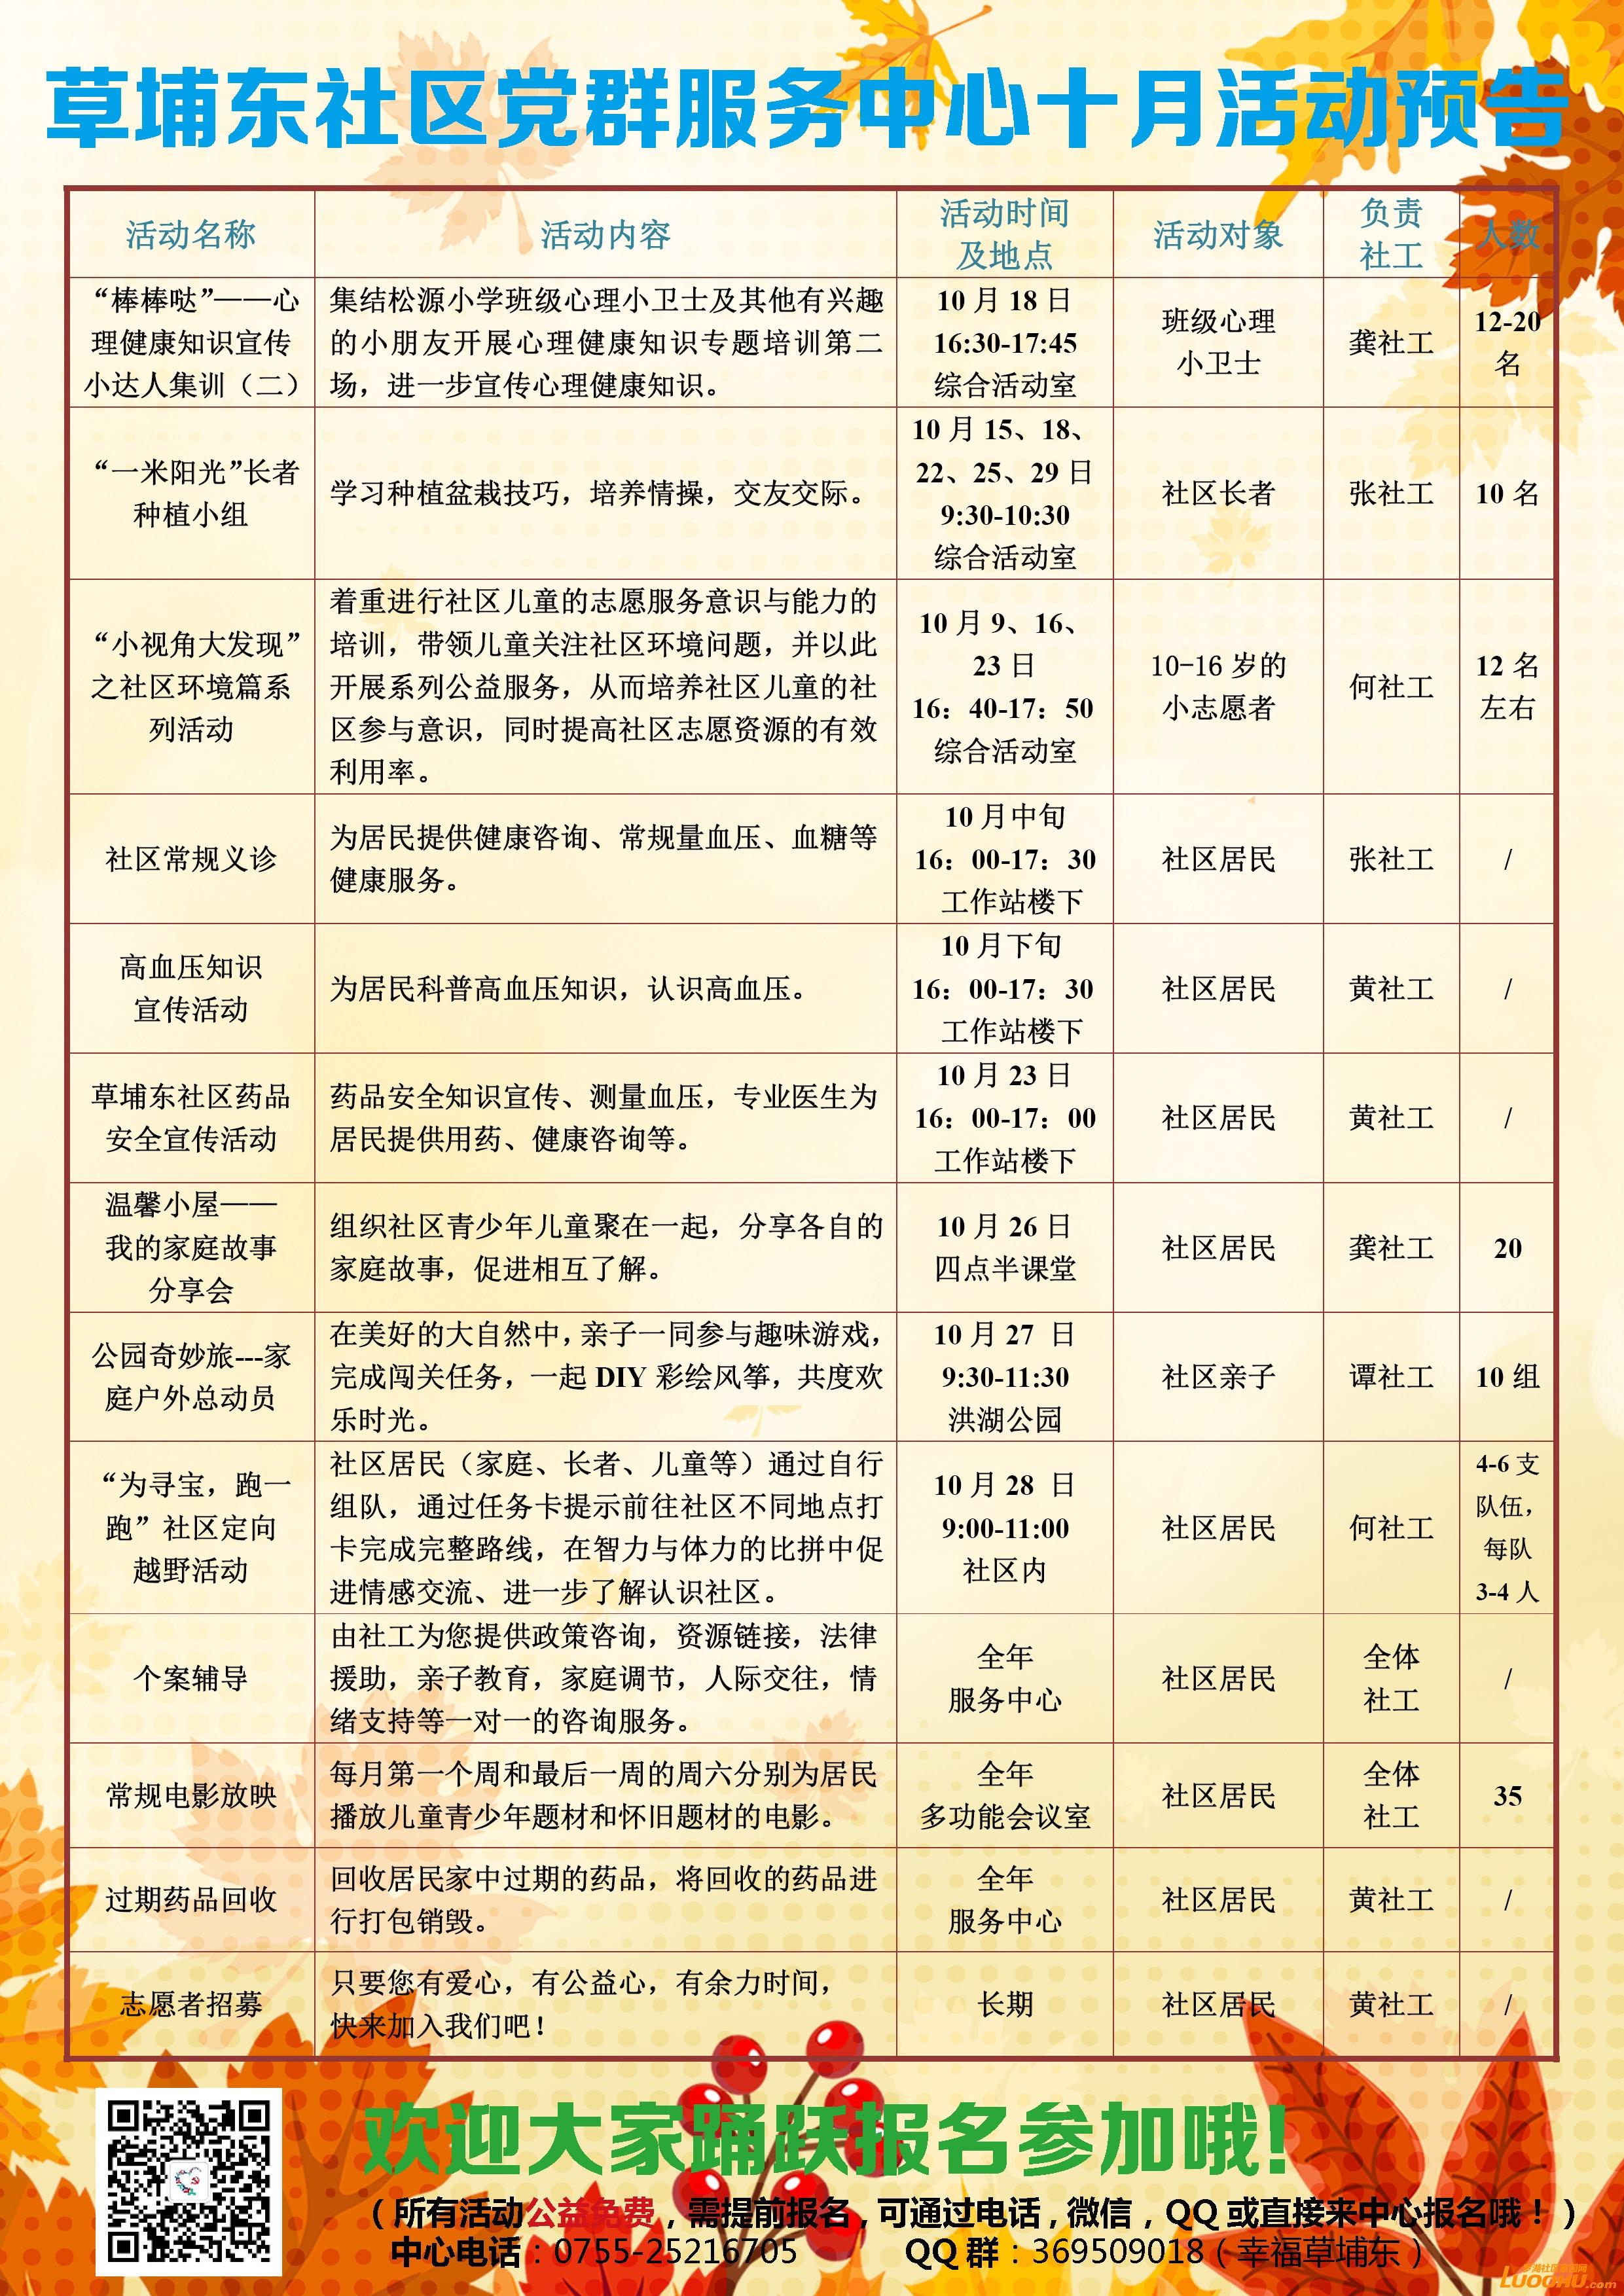 草埔东9月活动预告444.jpg